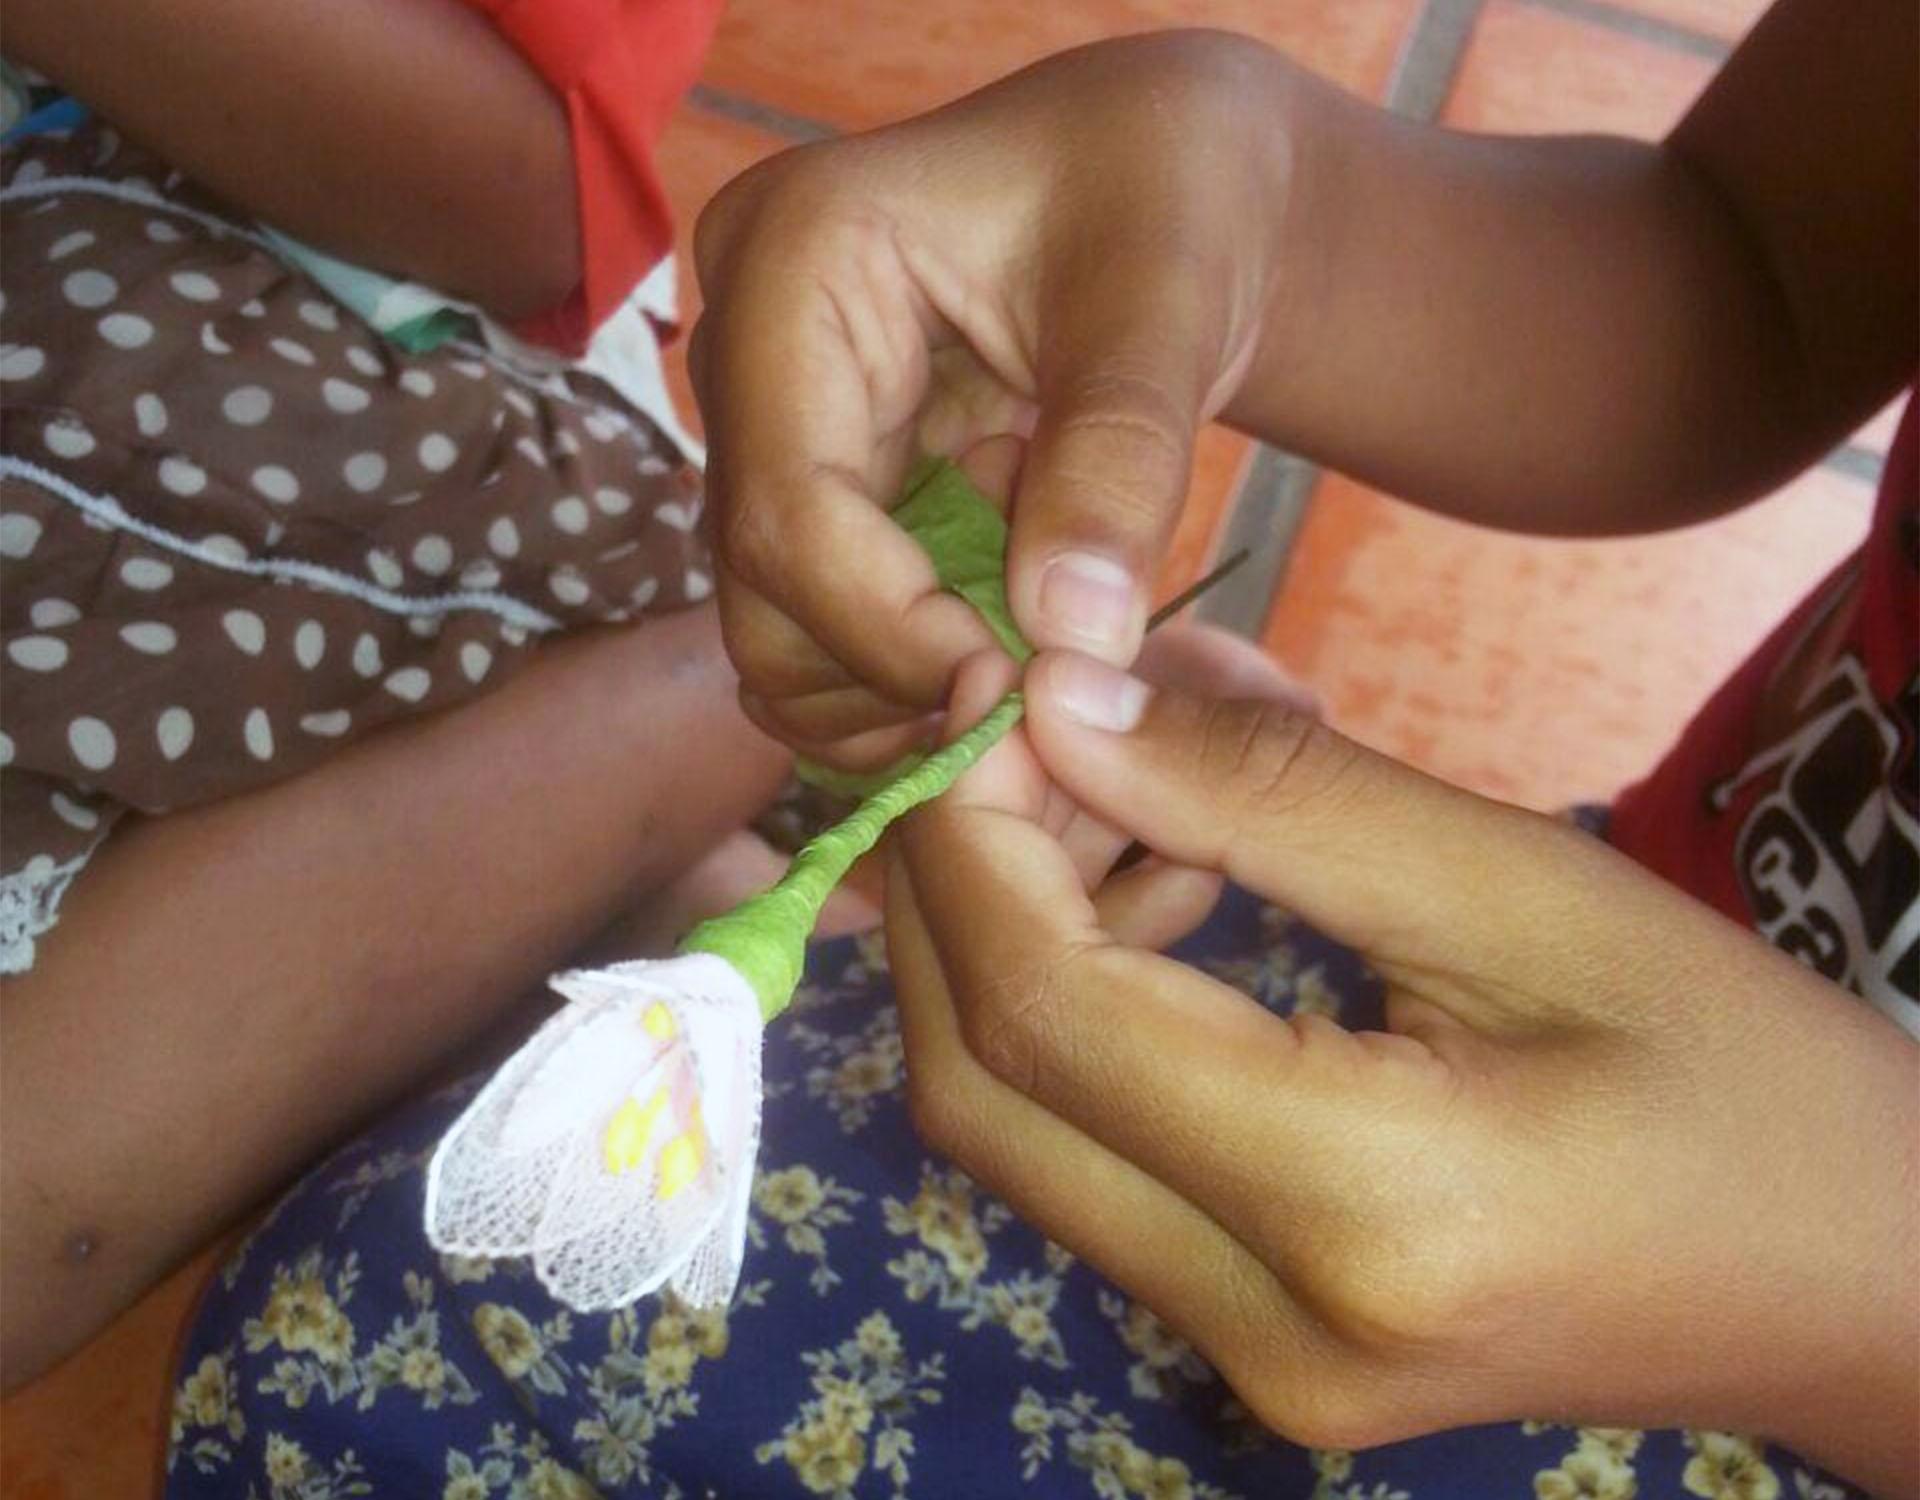 fiore tessuto mani bambina Cambogia Mani Tese 2018